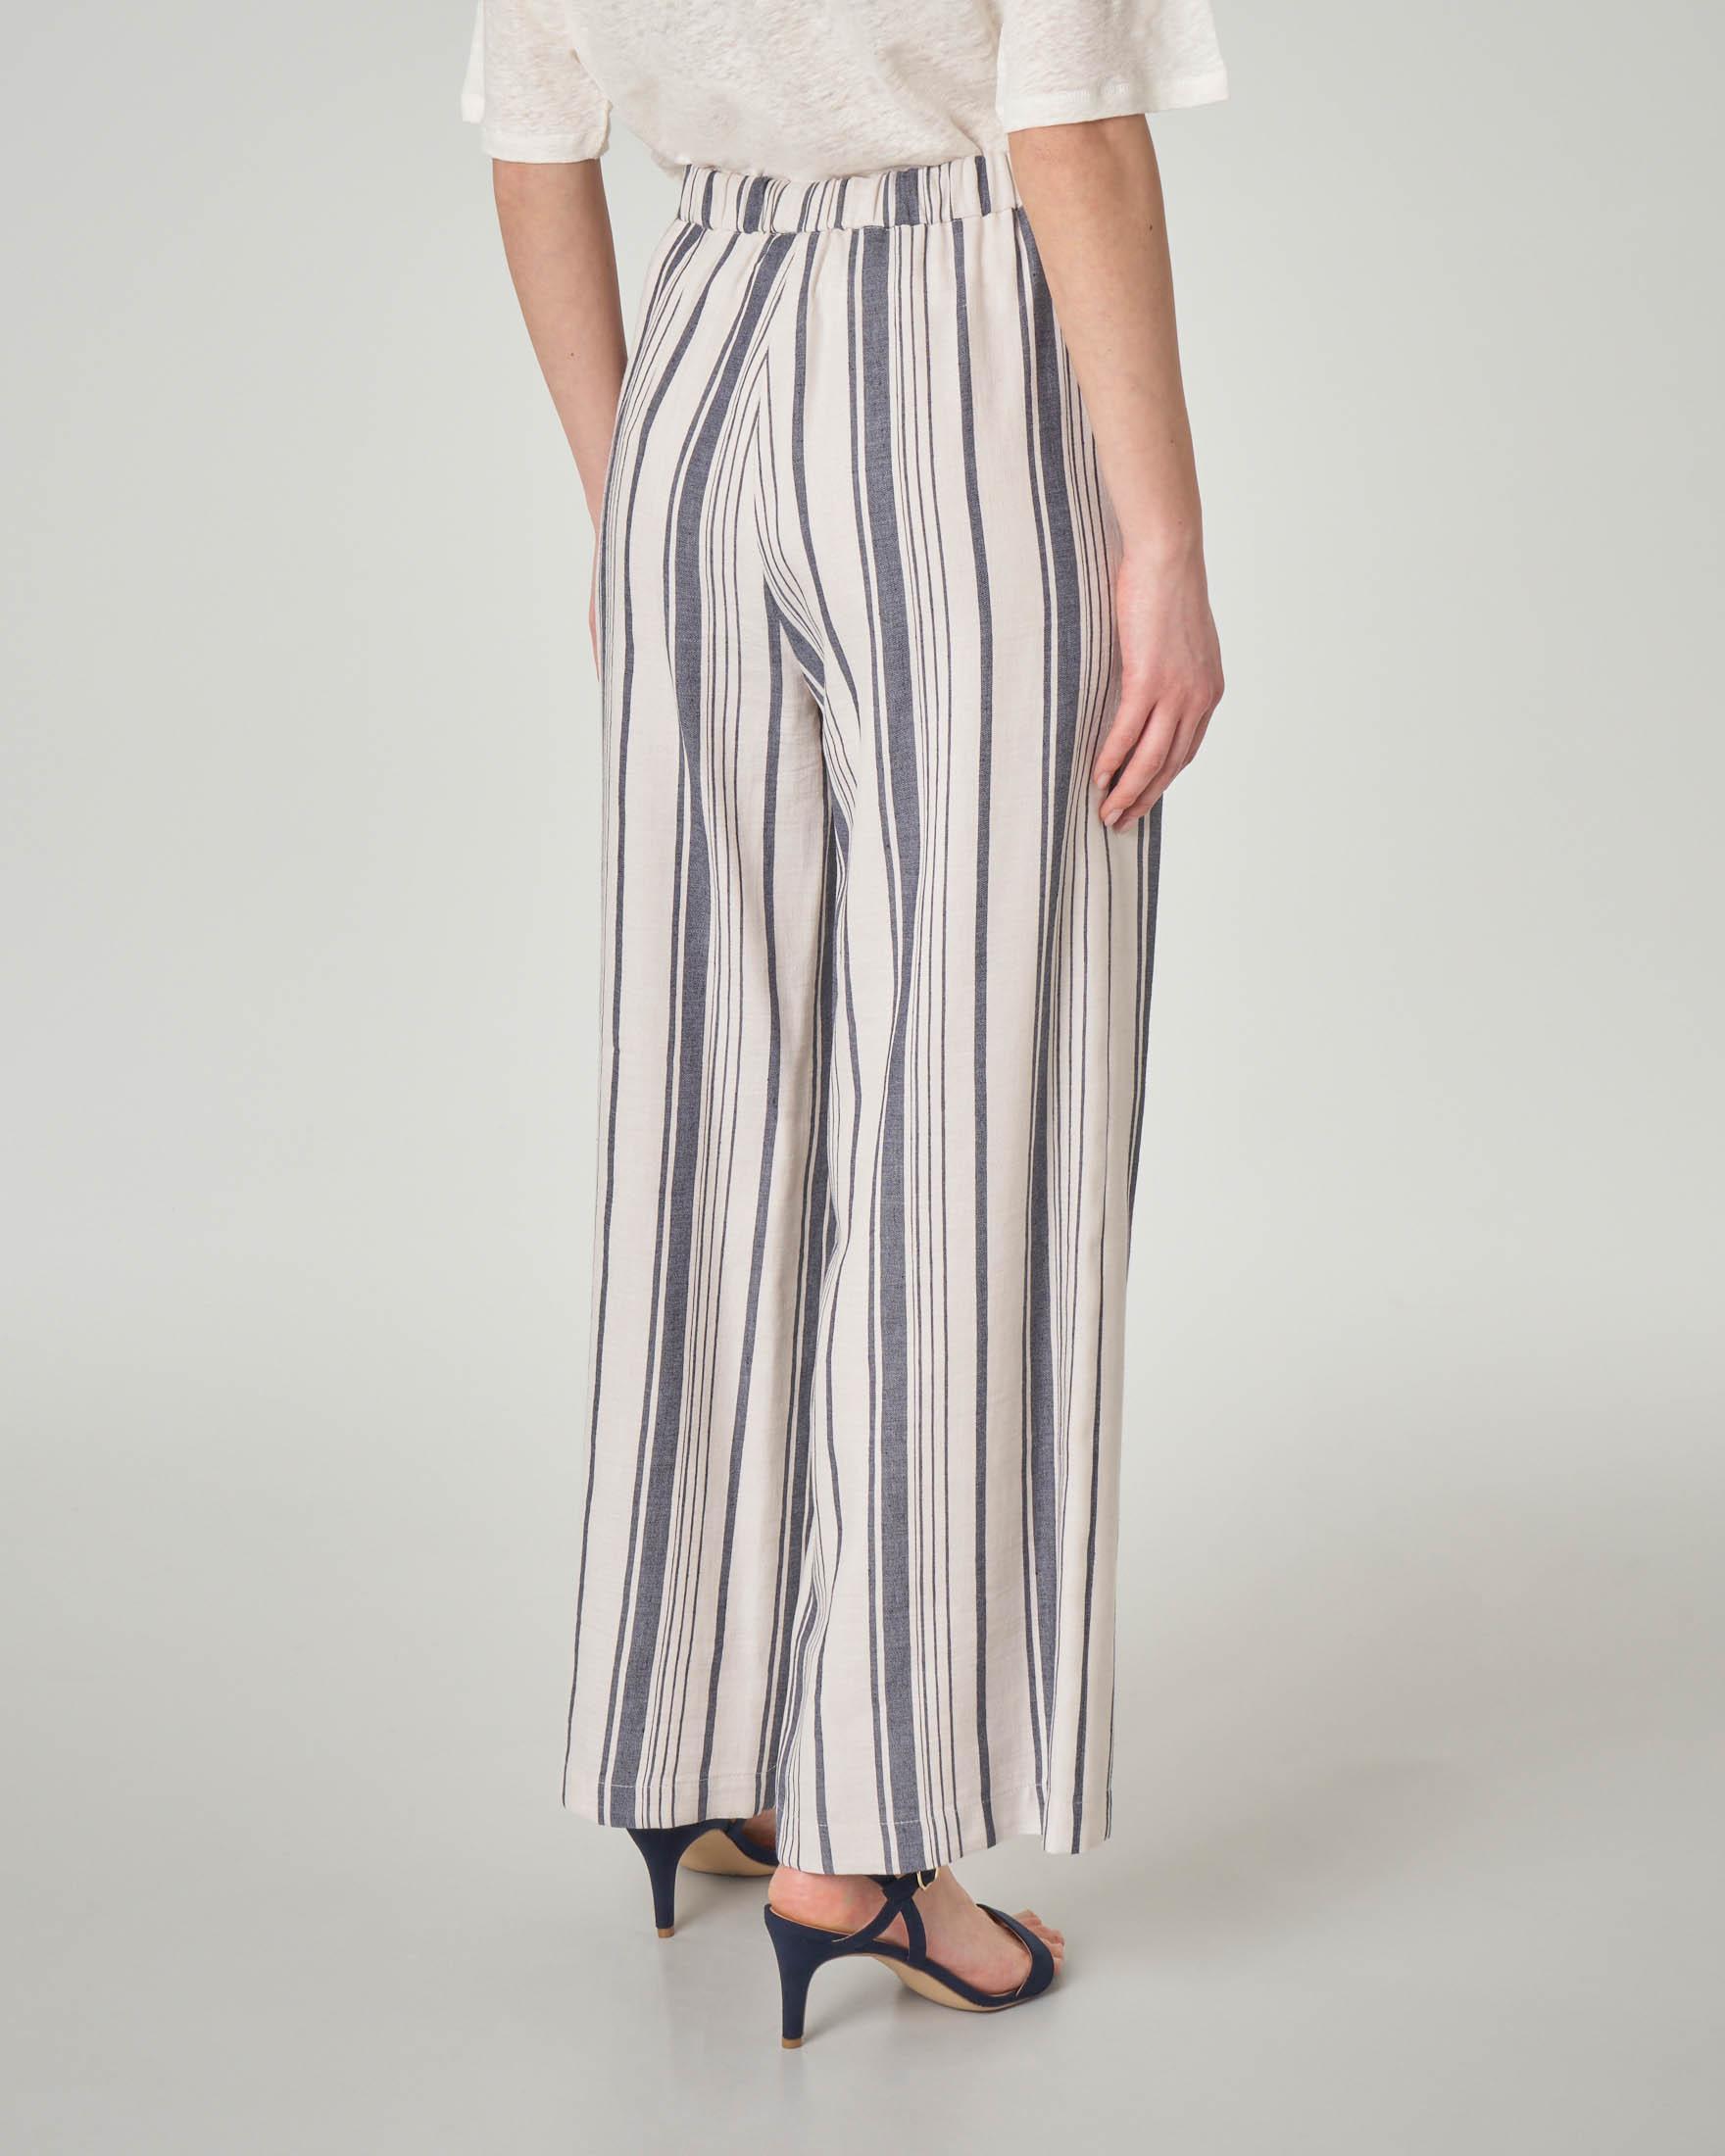 Pantaloni palazzo in raso di lino e cotone a righe bianche e blu con elastico in vita